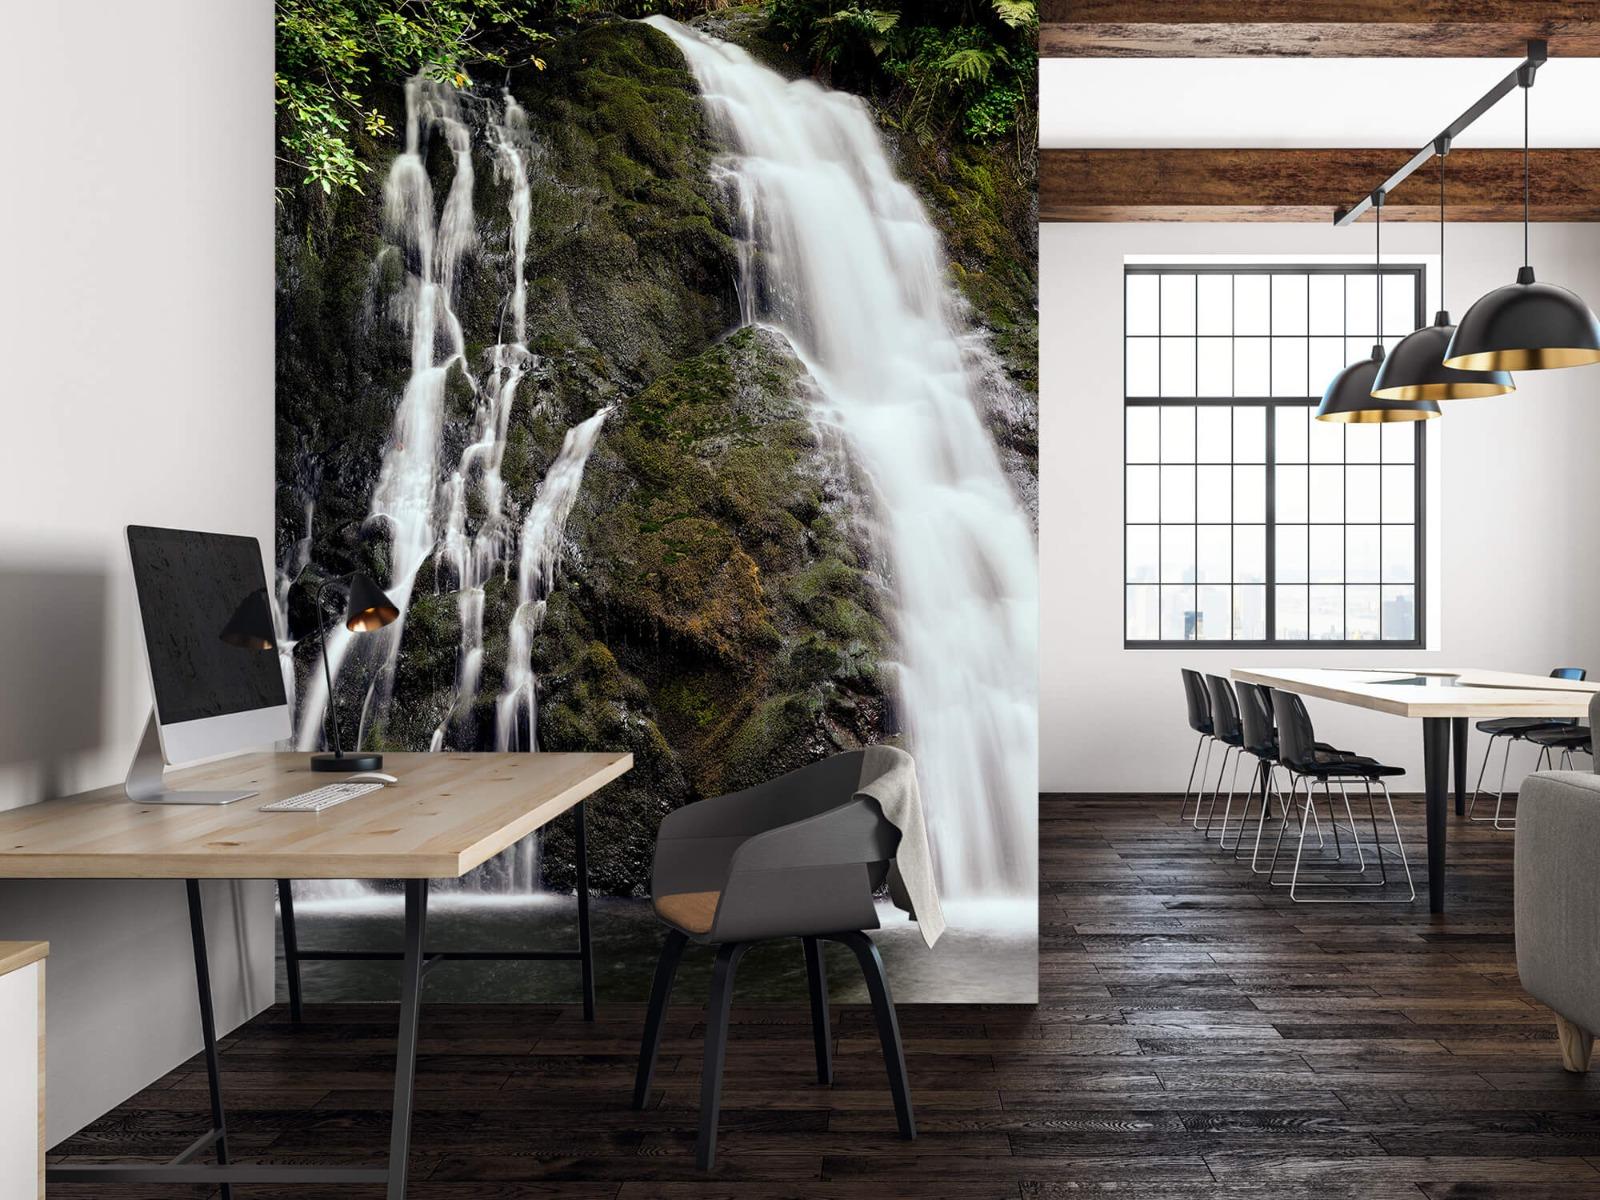 Watervallen - Waterval met 4 stromen - Wallexclusive - Slaapkamer 23